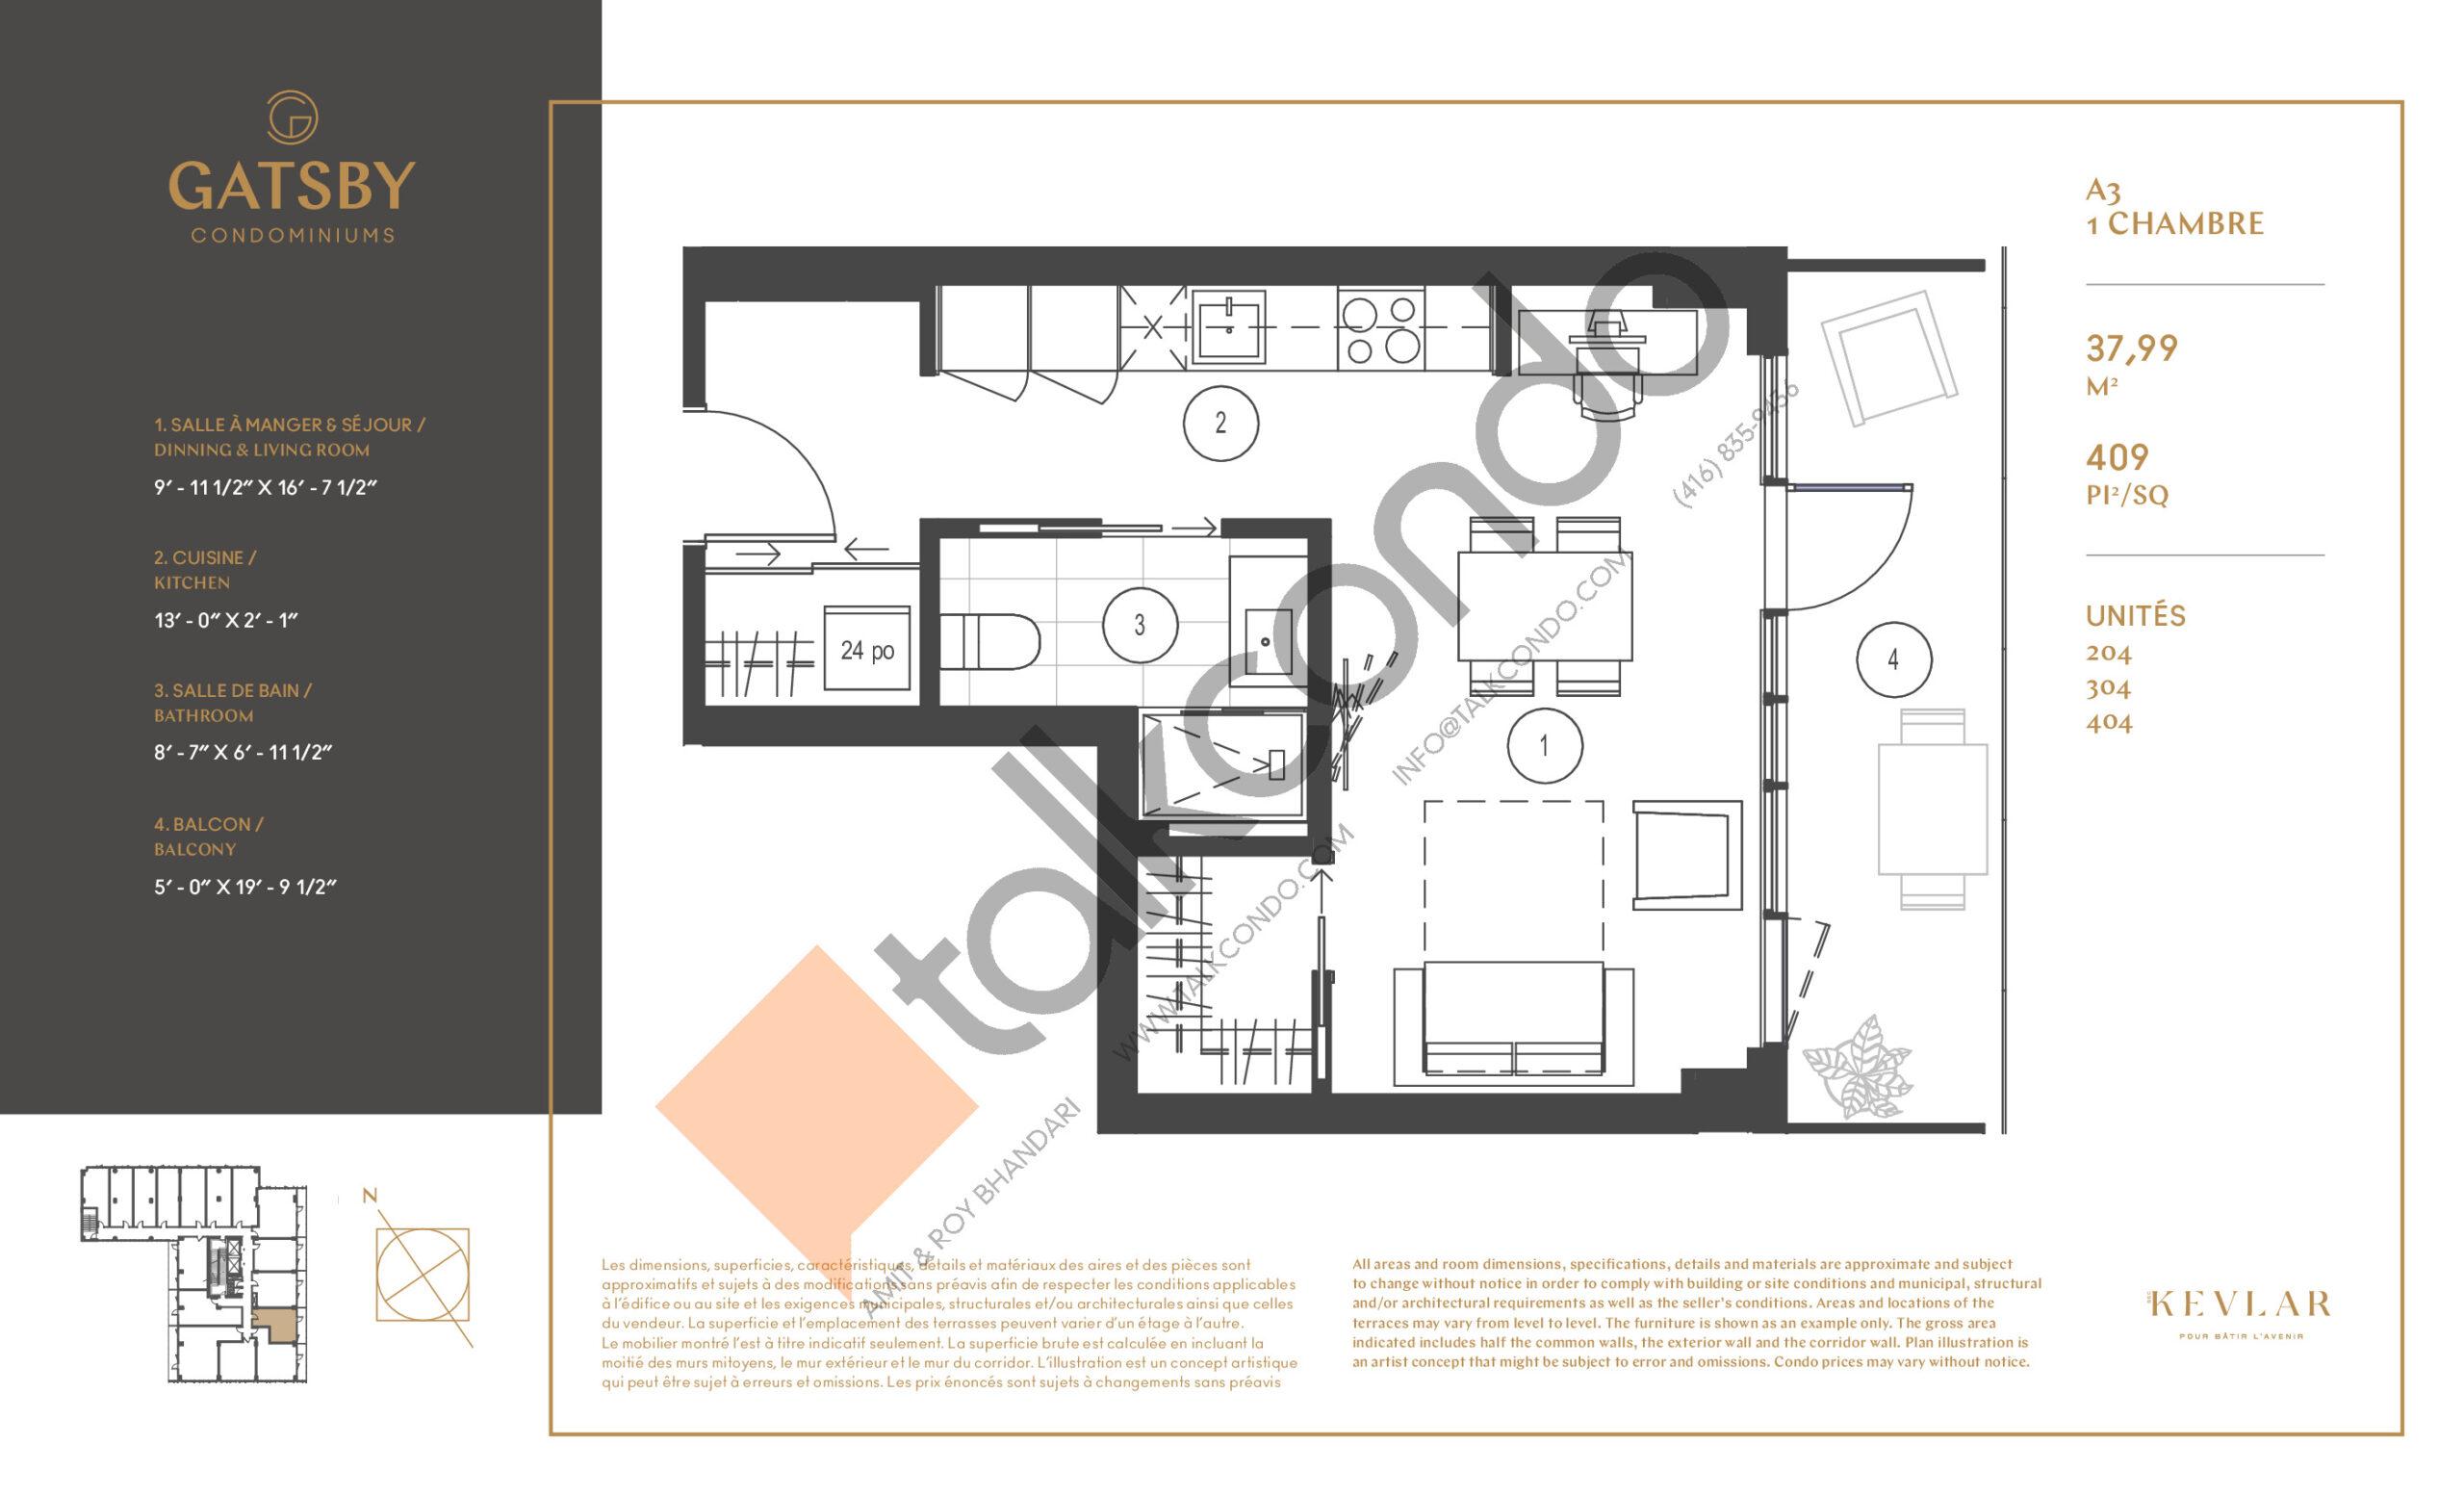 A3 Floor Plan at Gatsby Condos - 409 sq.ft